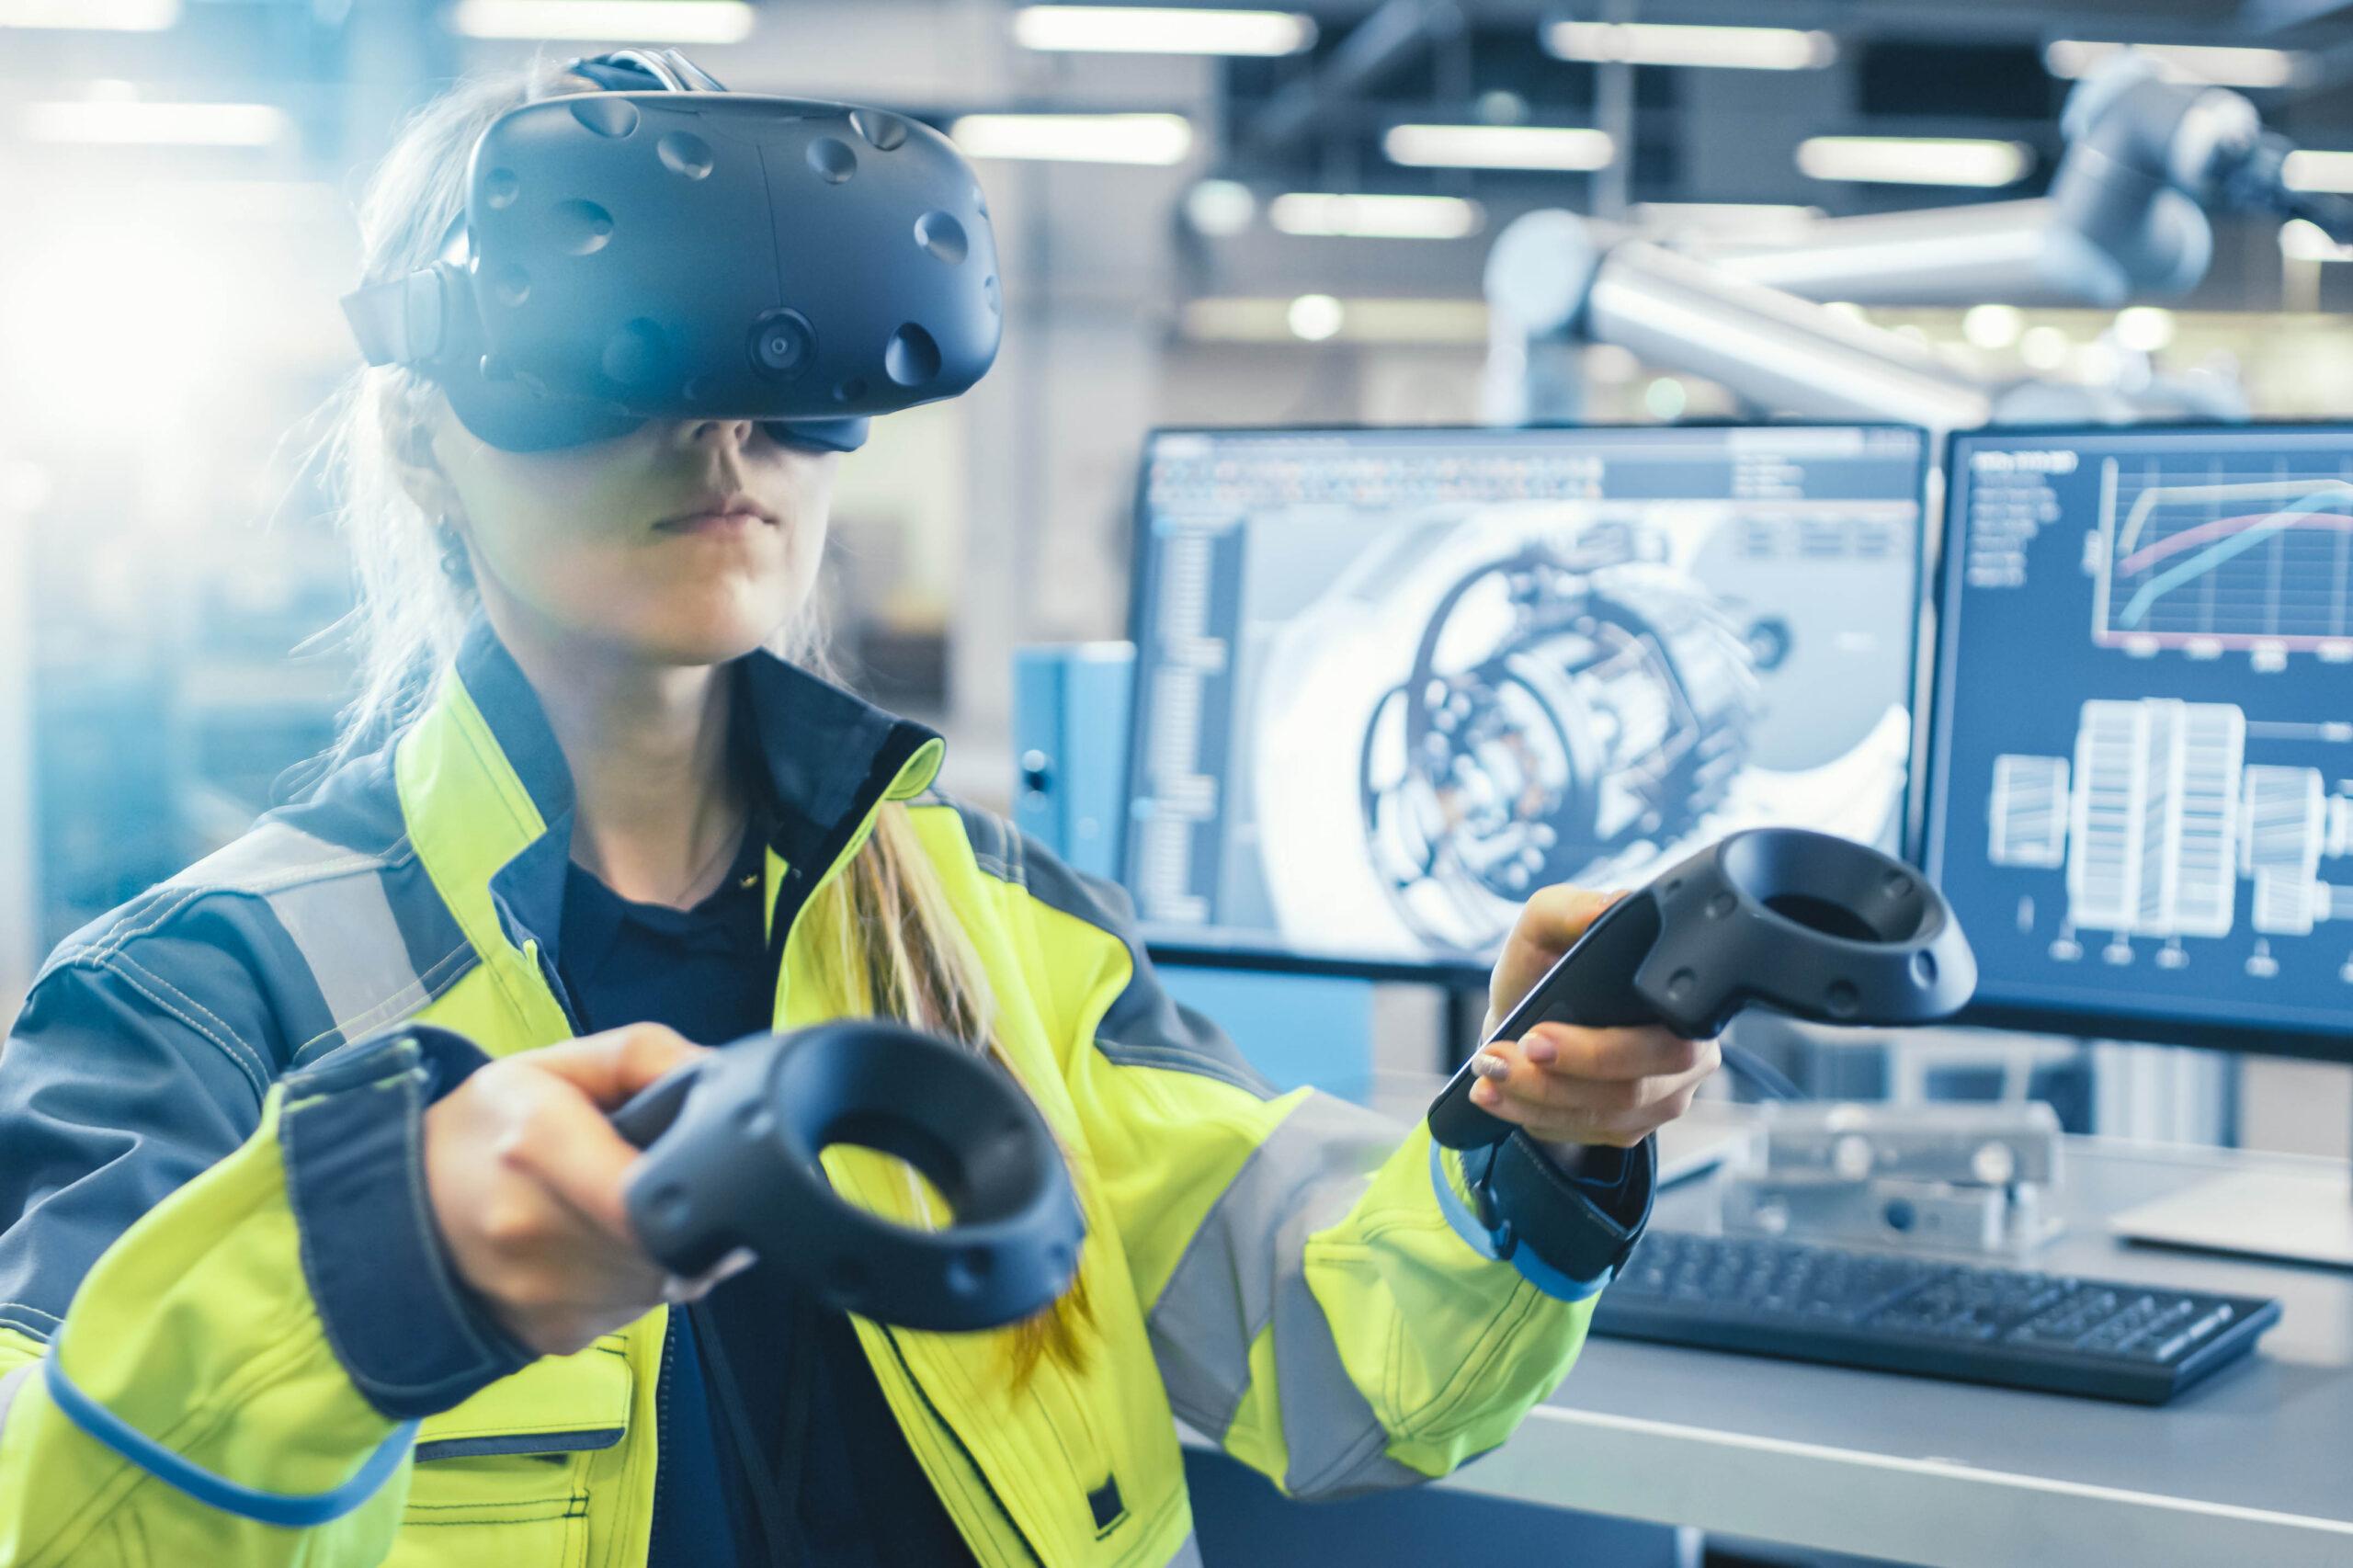 Industrie Igenieurin trägt eine Virtual Reality Brille und hält in beiden Händen jeweils ein Steuerungsgerät. Im Hintergrund sind ihre beiden Bildschirme, auf denen im CAD-Programm Prototypen von Maschinen abgebildet sind.